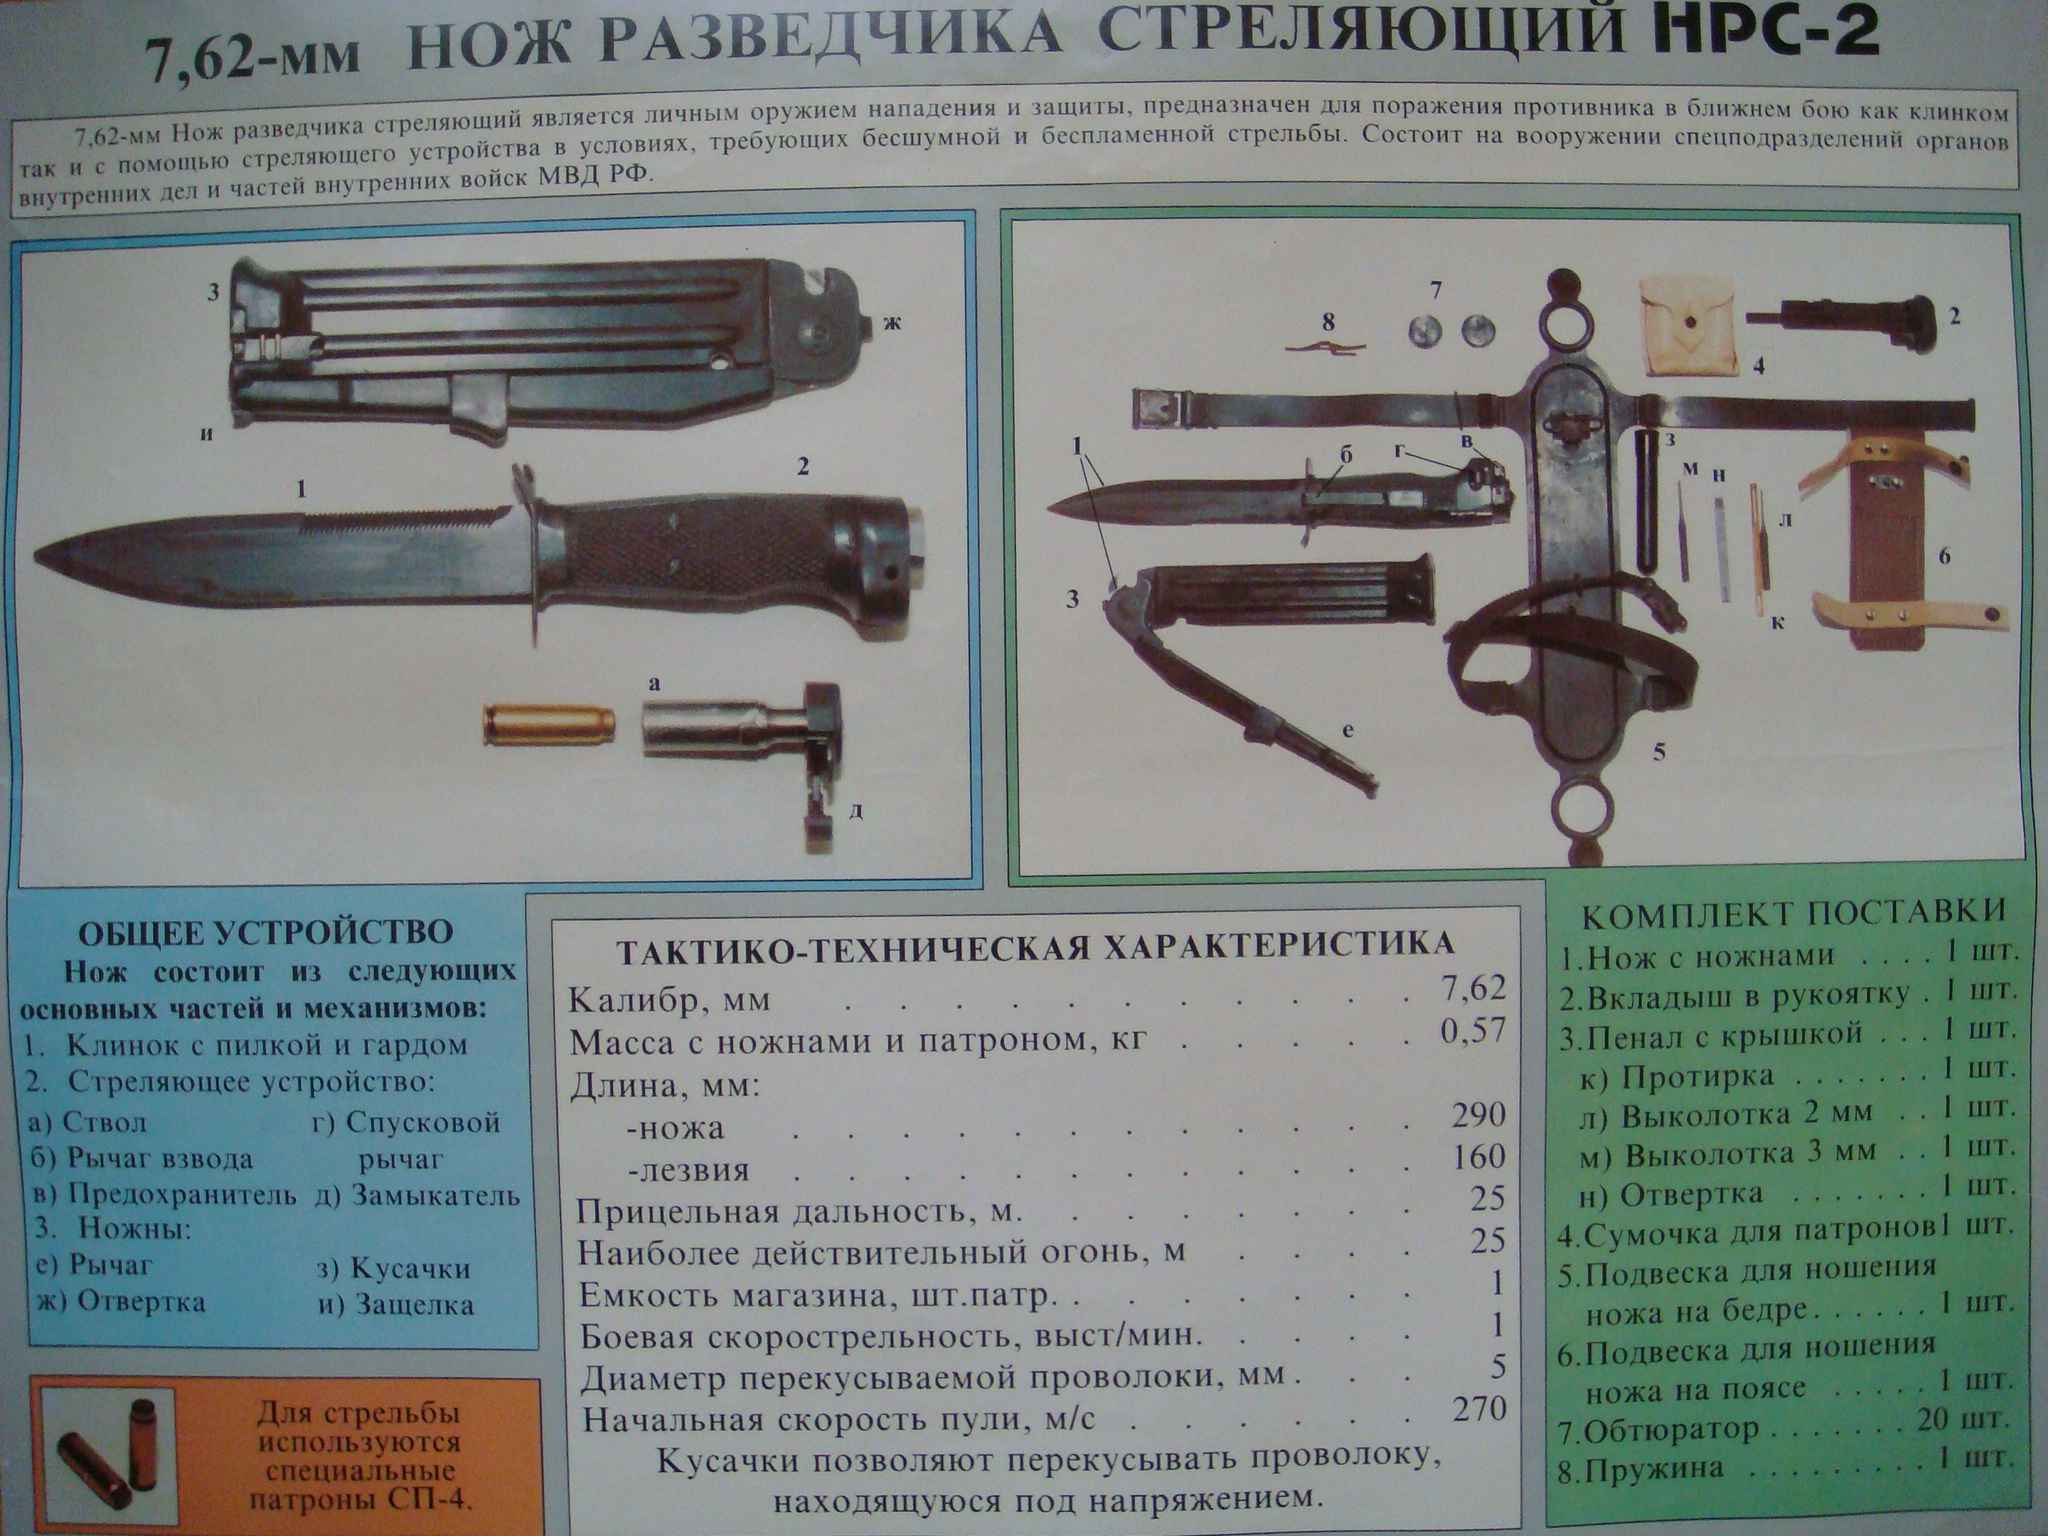 Инструкция Постоянного Ношения Огнестрельного Оружия